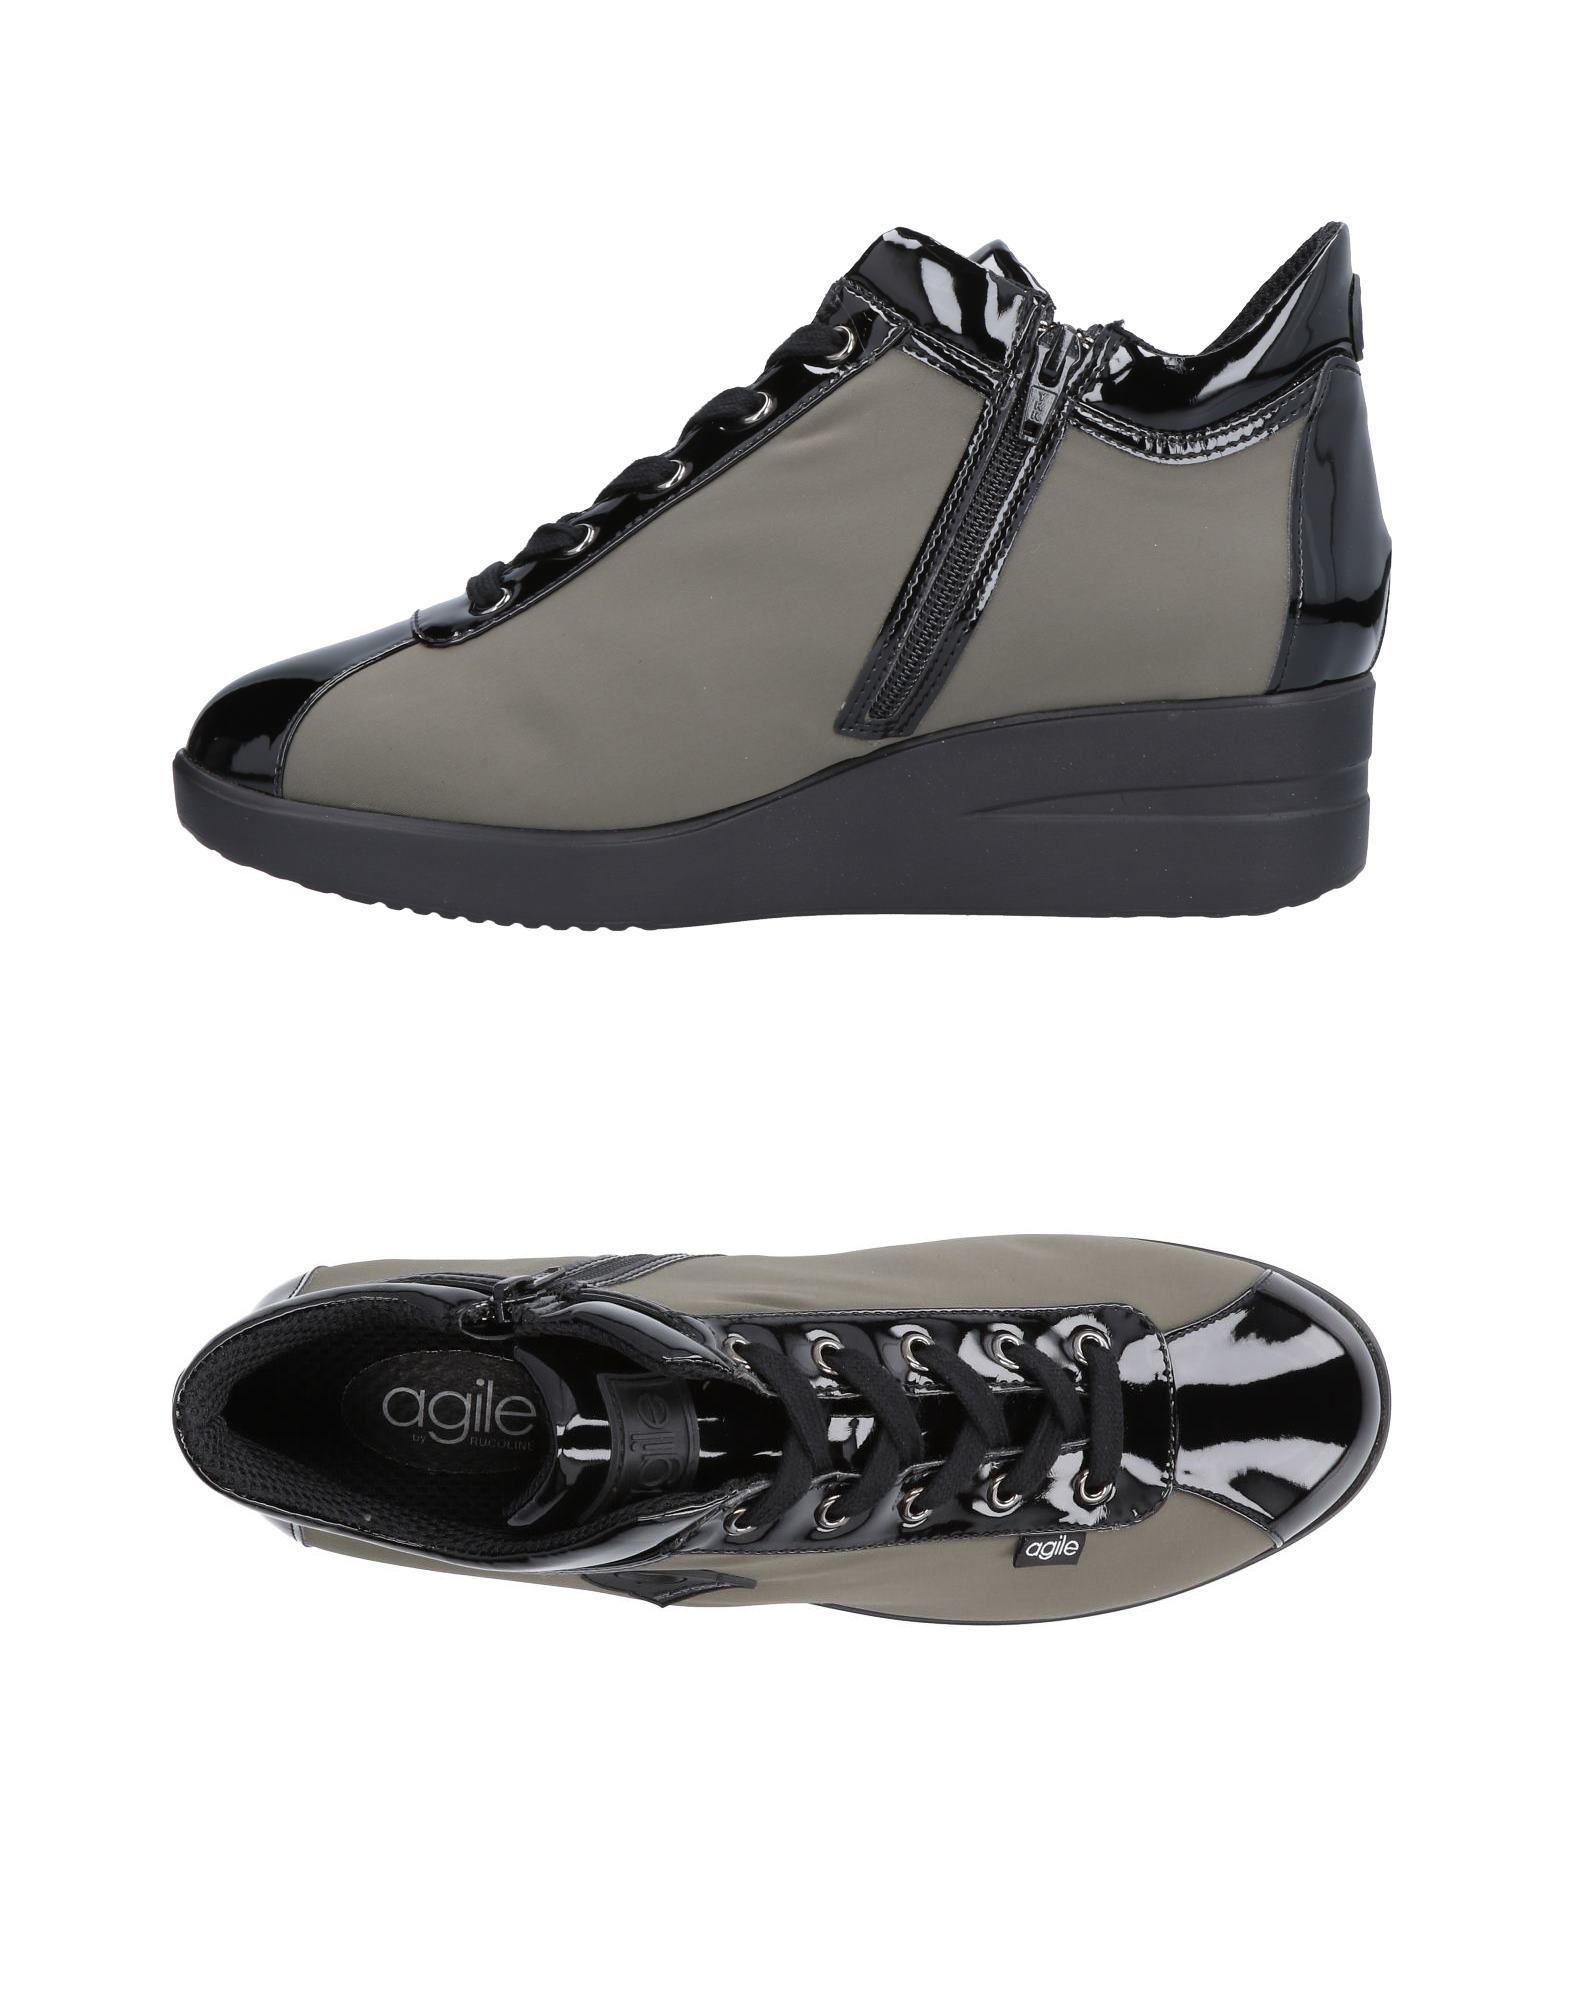 Baskets Agile By Rucoline Femme - Baskets Agile By Rucoline Gris Dernières chaussures discount pour hommes et femmes